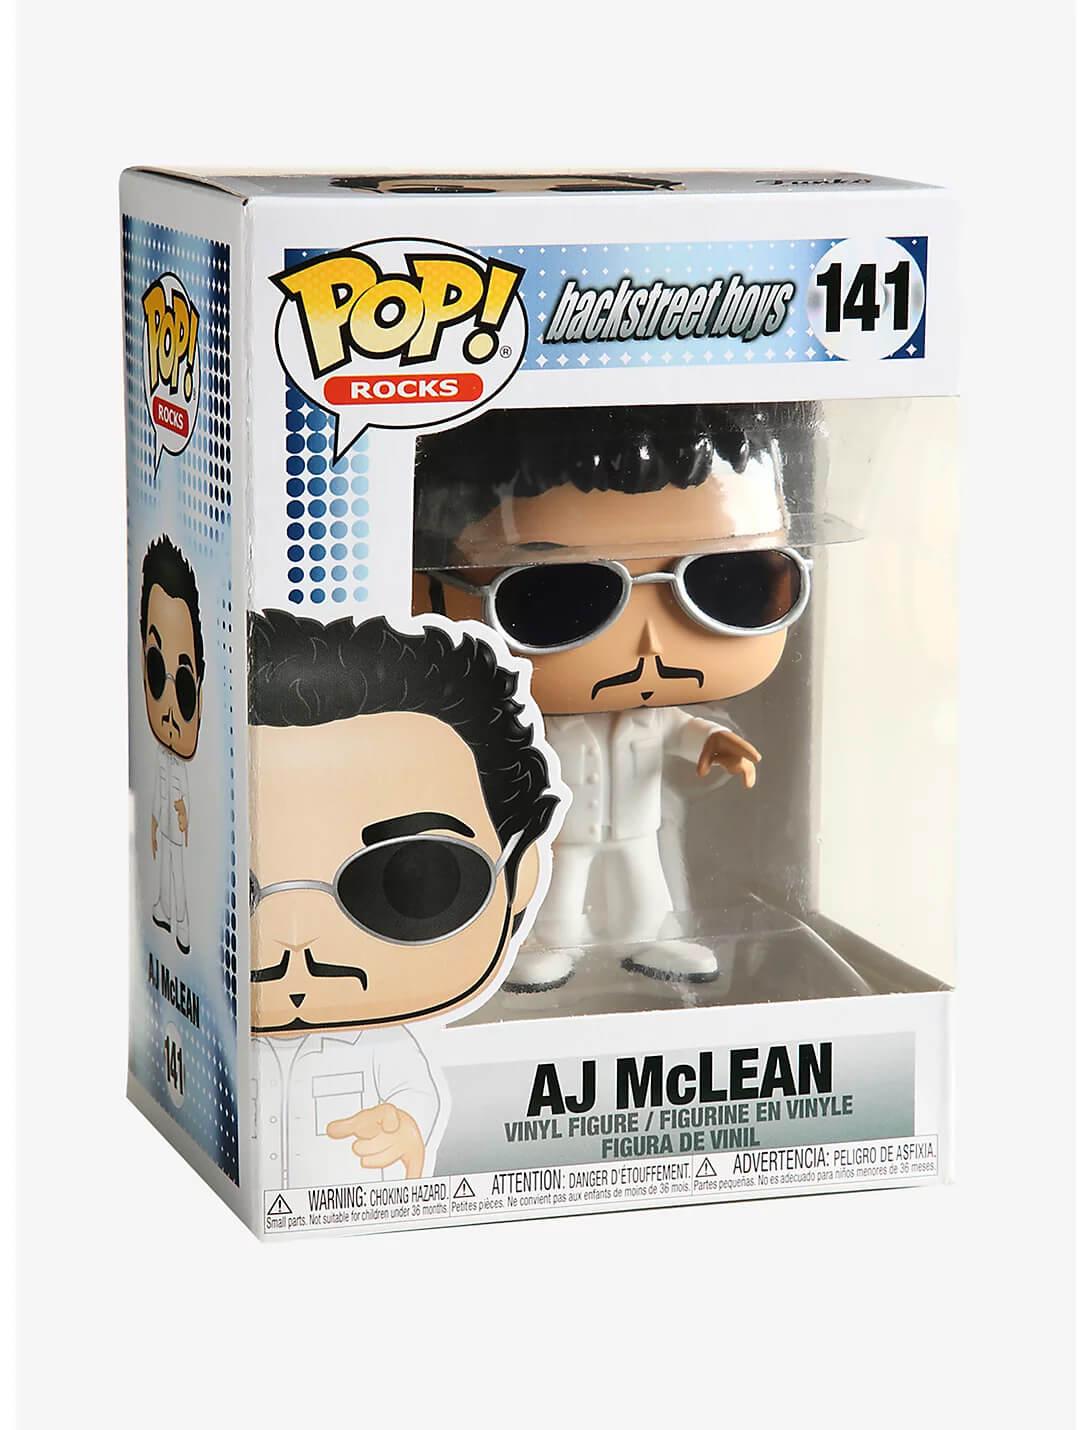 AJ McLean #141 - Backstreet Boys - Funko Pop! Rocks